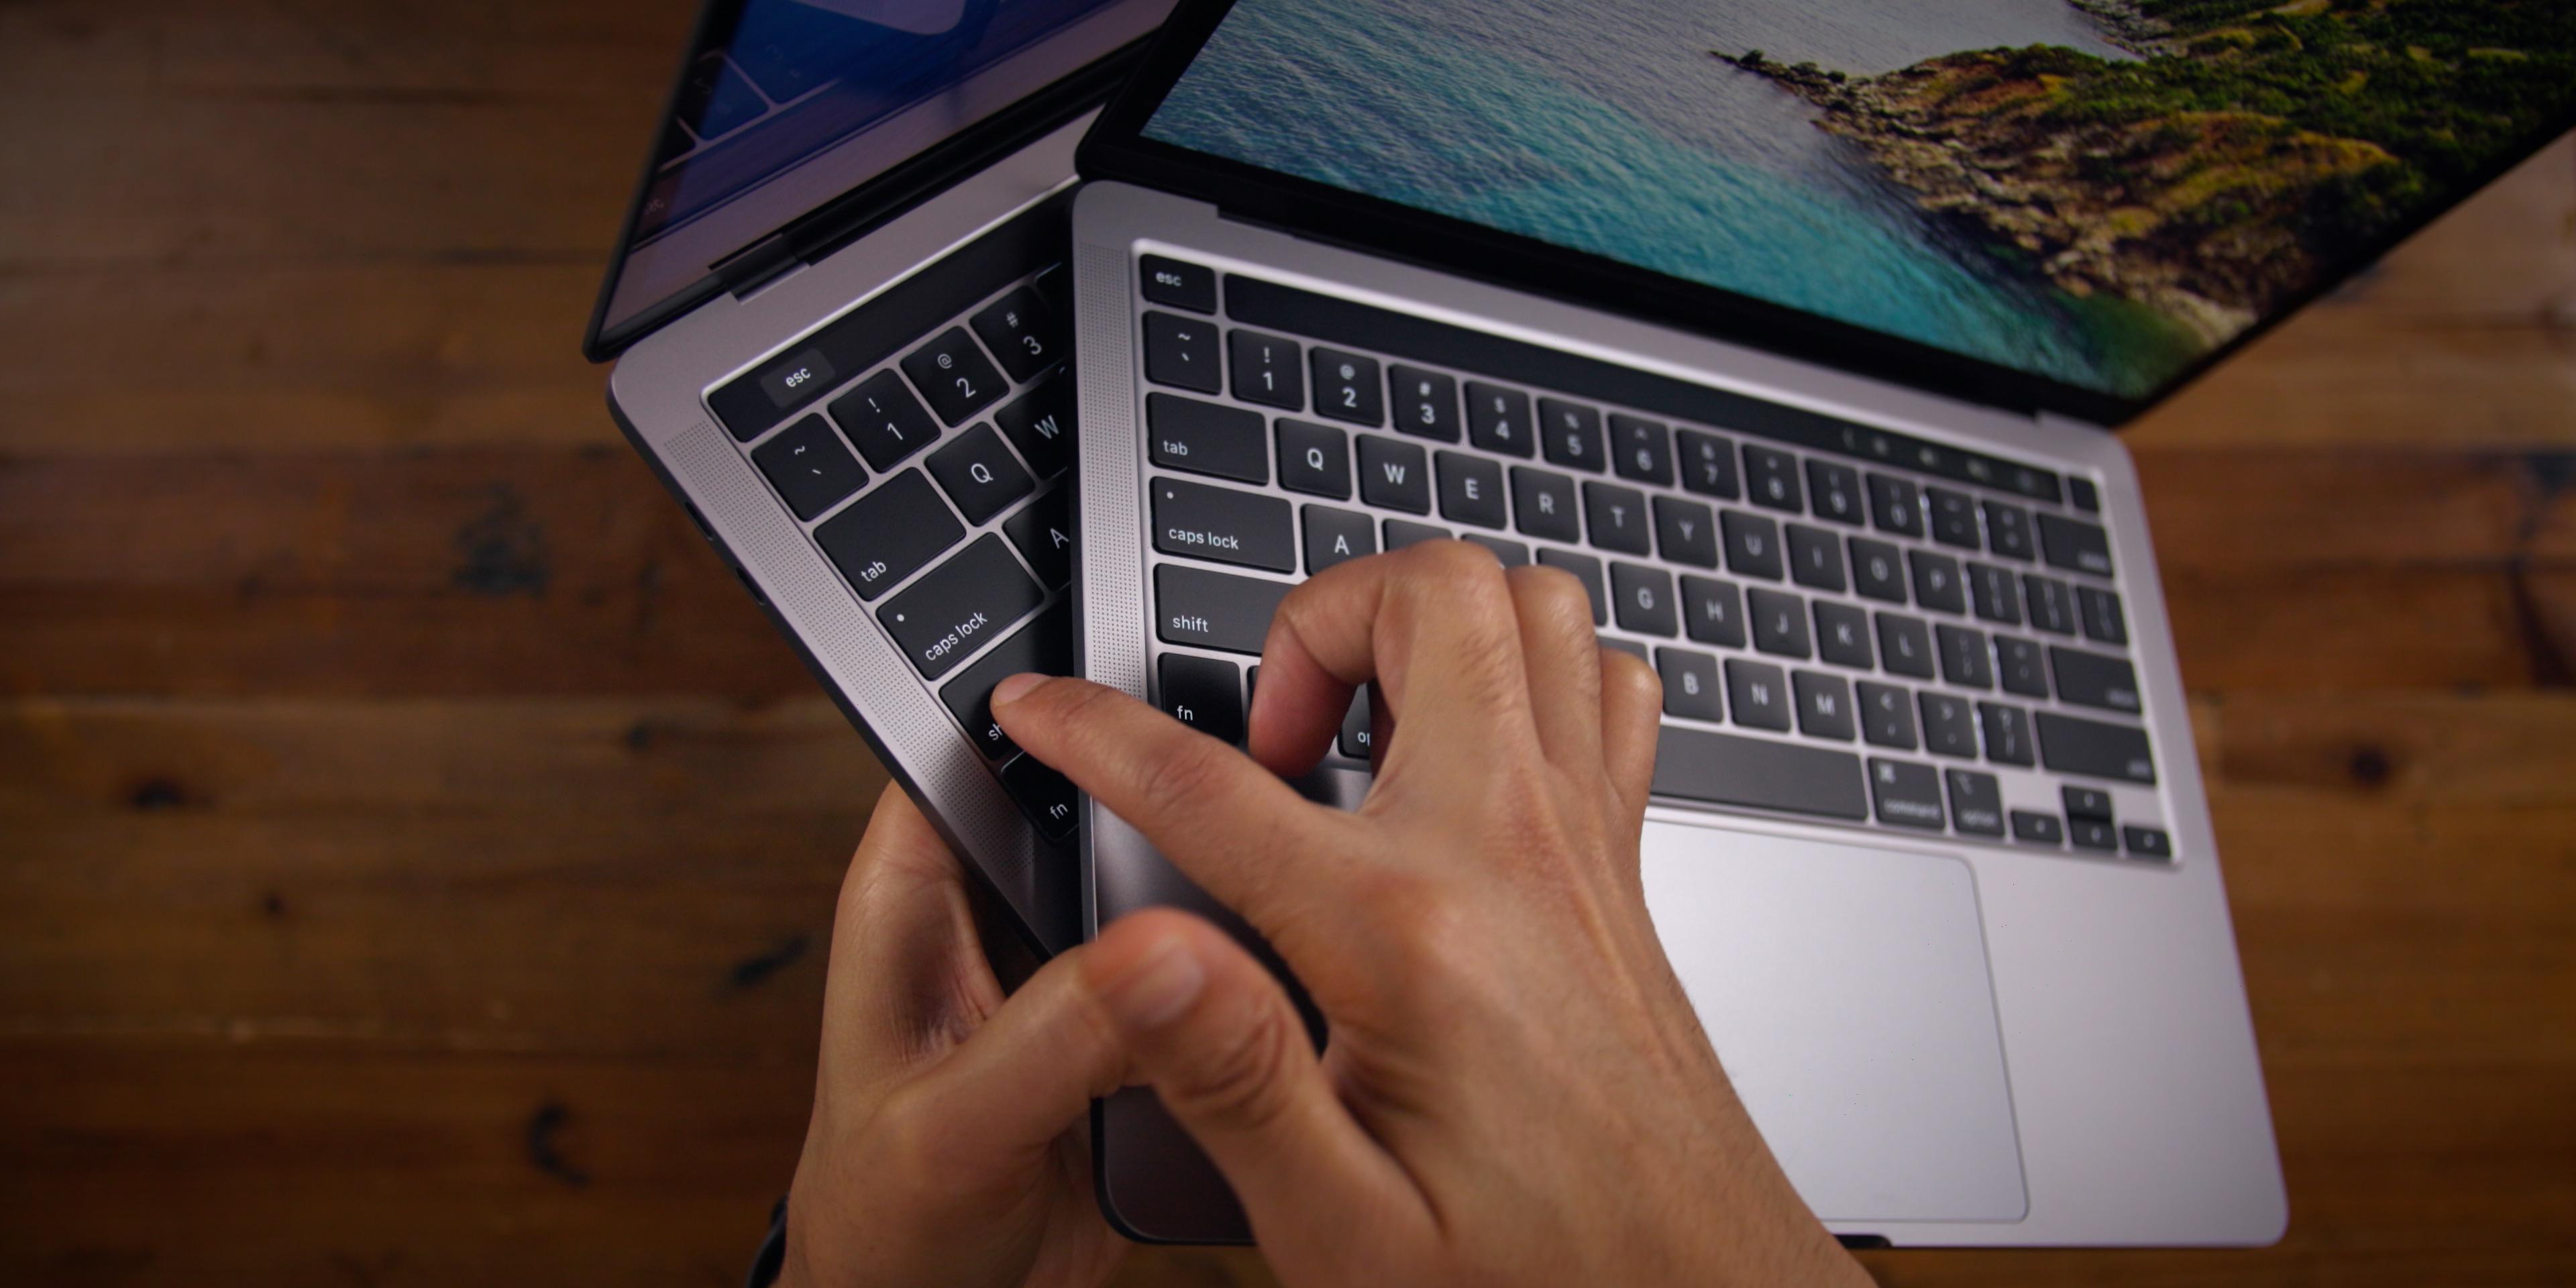 macbook pro 2020 review vs butterfly keyboard